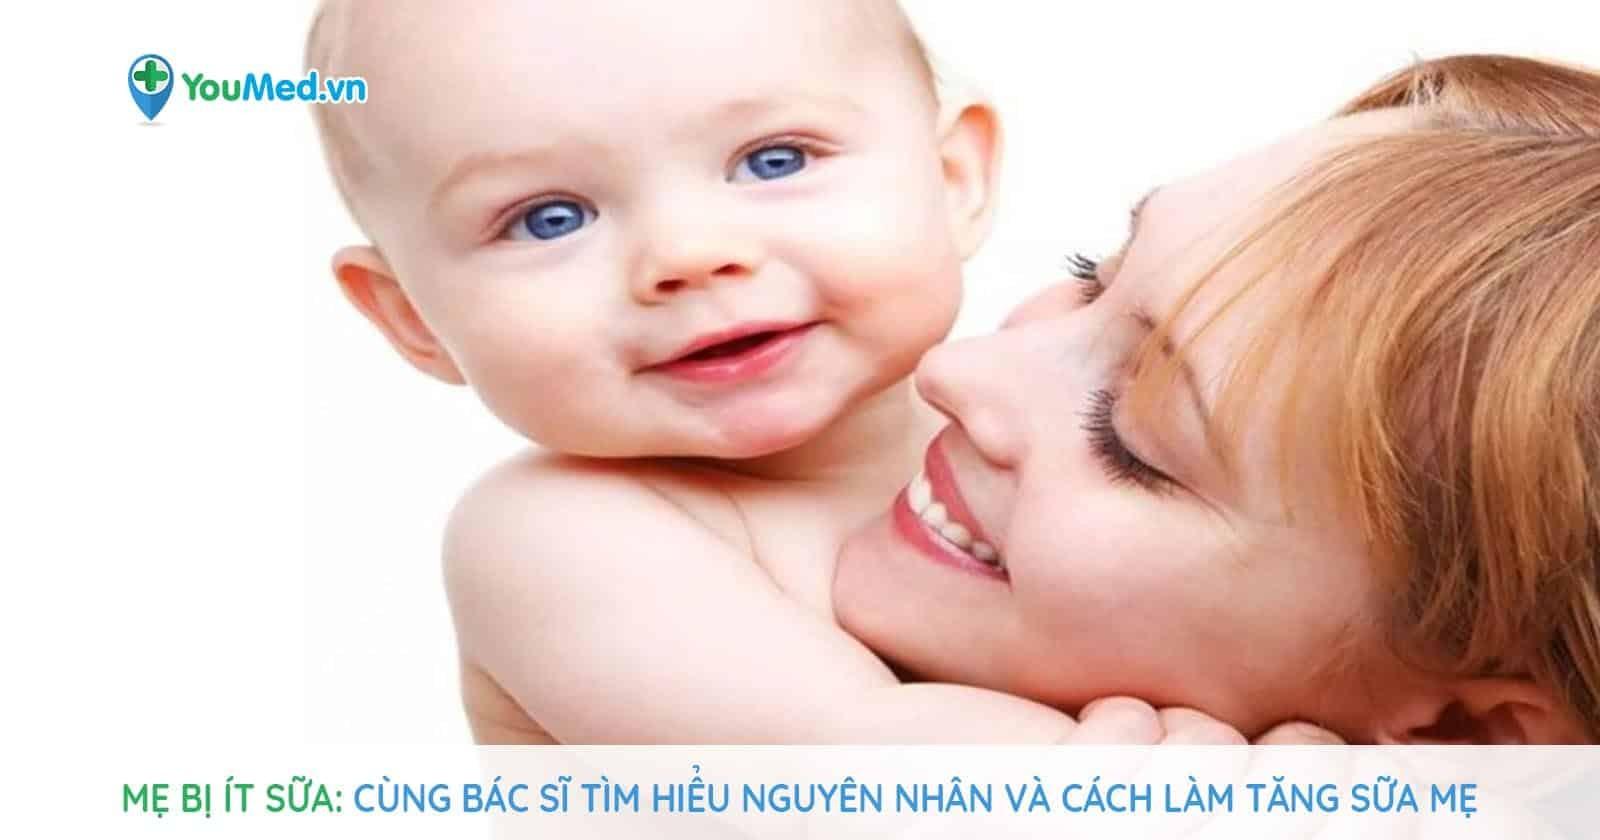 Mẹ bị ít sữa: Cùng bác sĩ tìm hiểu nguyên nhân và cách làm tăng sữa mẹ